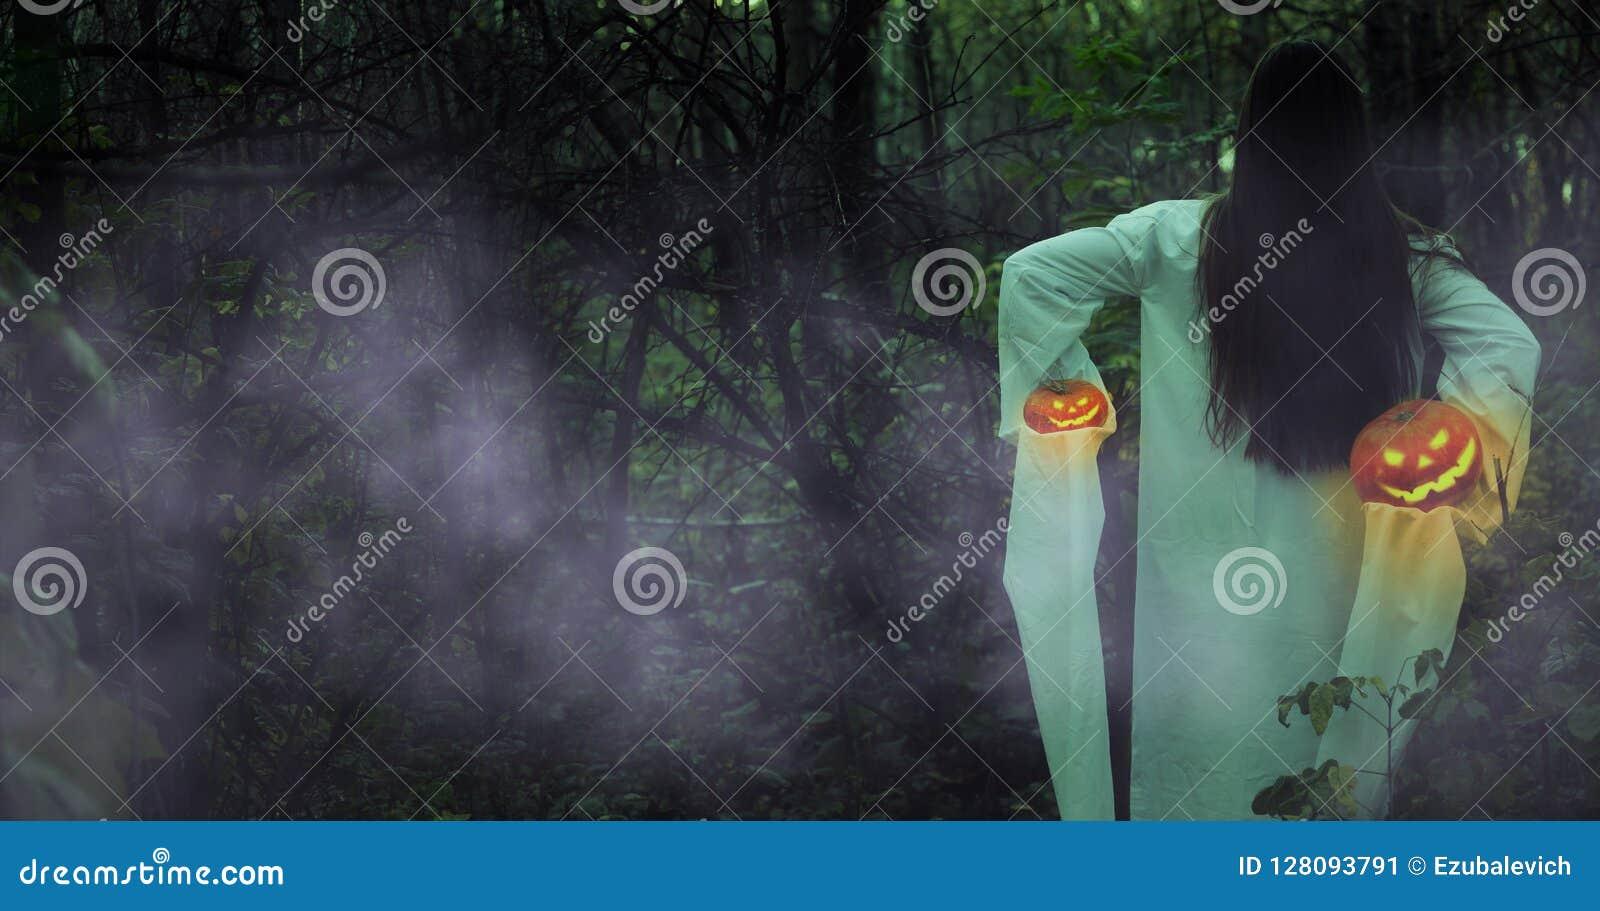 Död flicka med Stålar-nolla-lyktan i en dimmig skog på natten